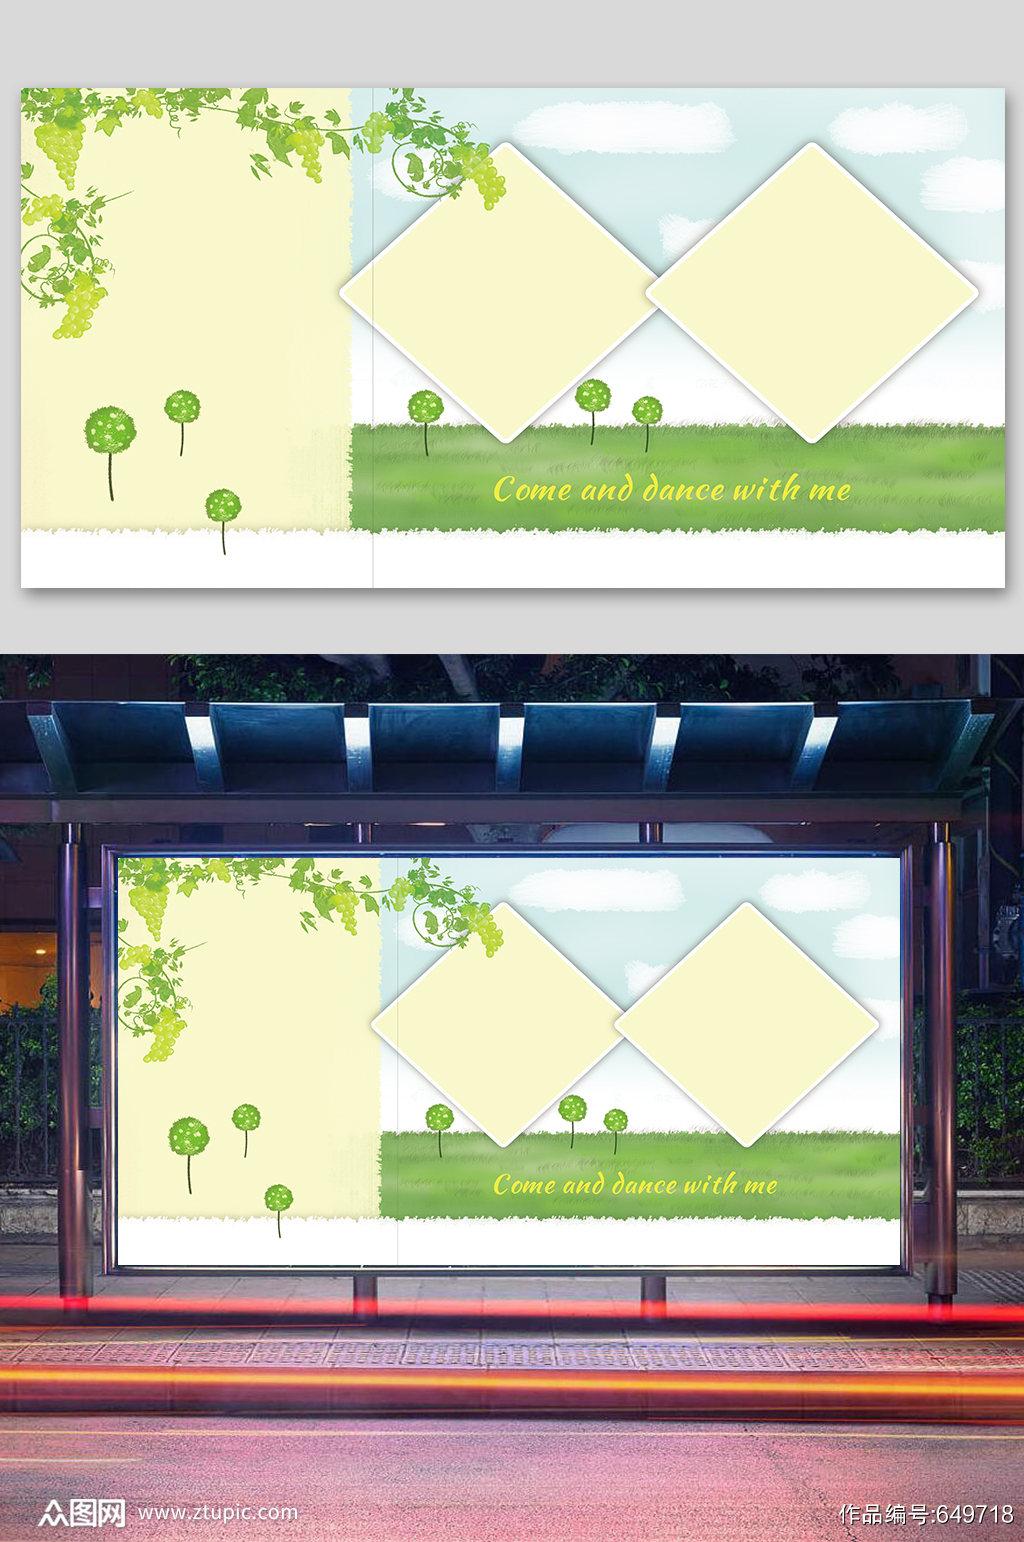 幼儿园形象墙幼儿园展板素材